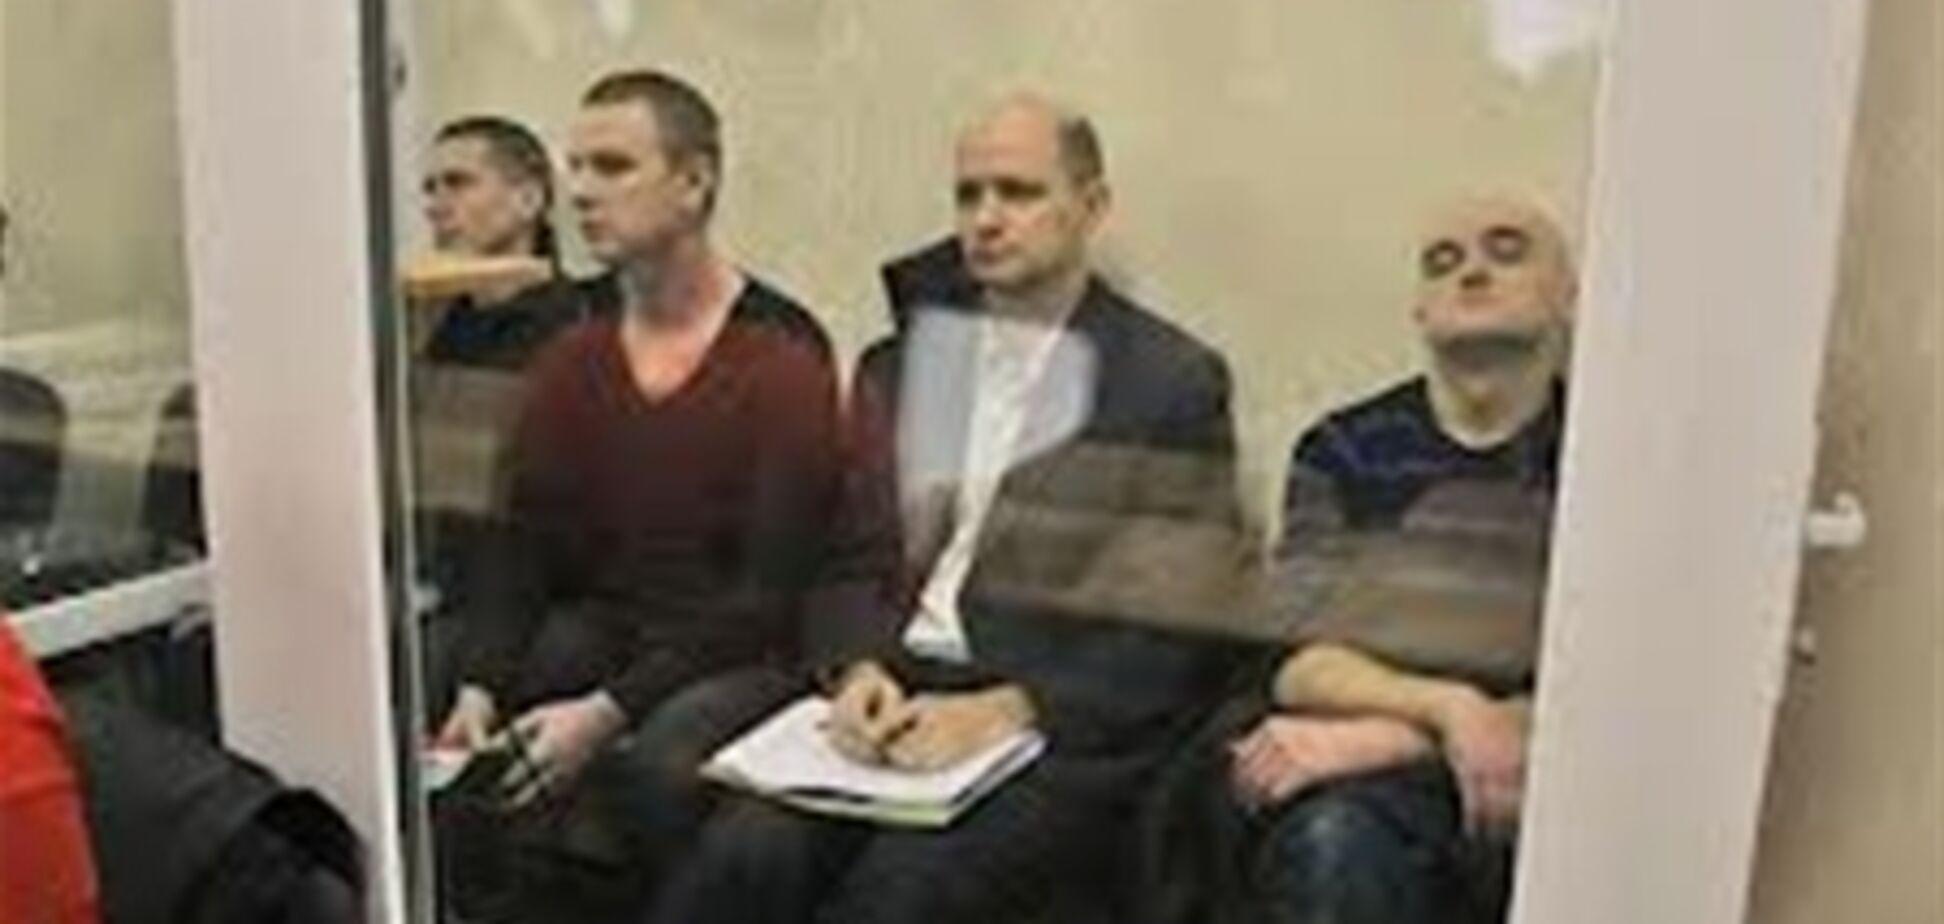 Повністю визнав свою провину лише один 'дніпропетровський терорист'